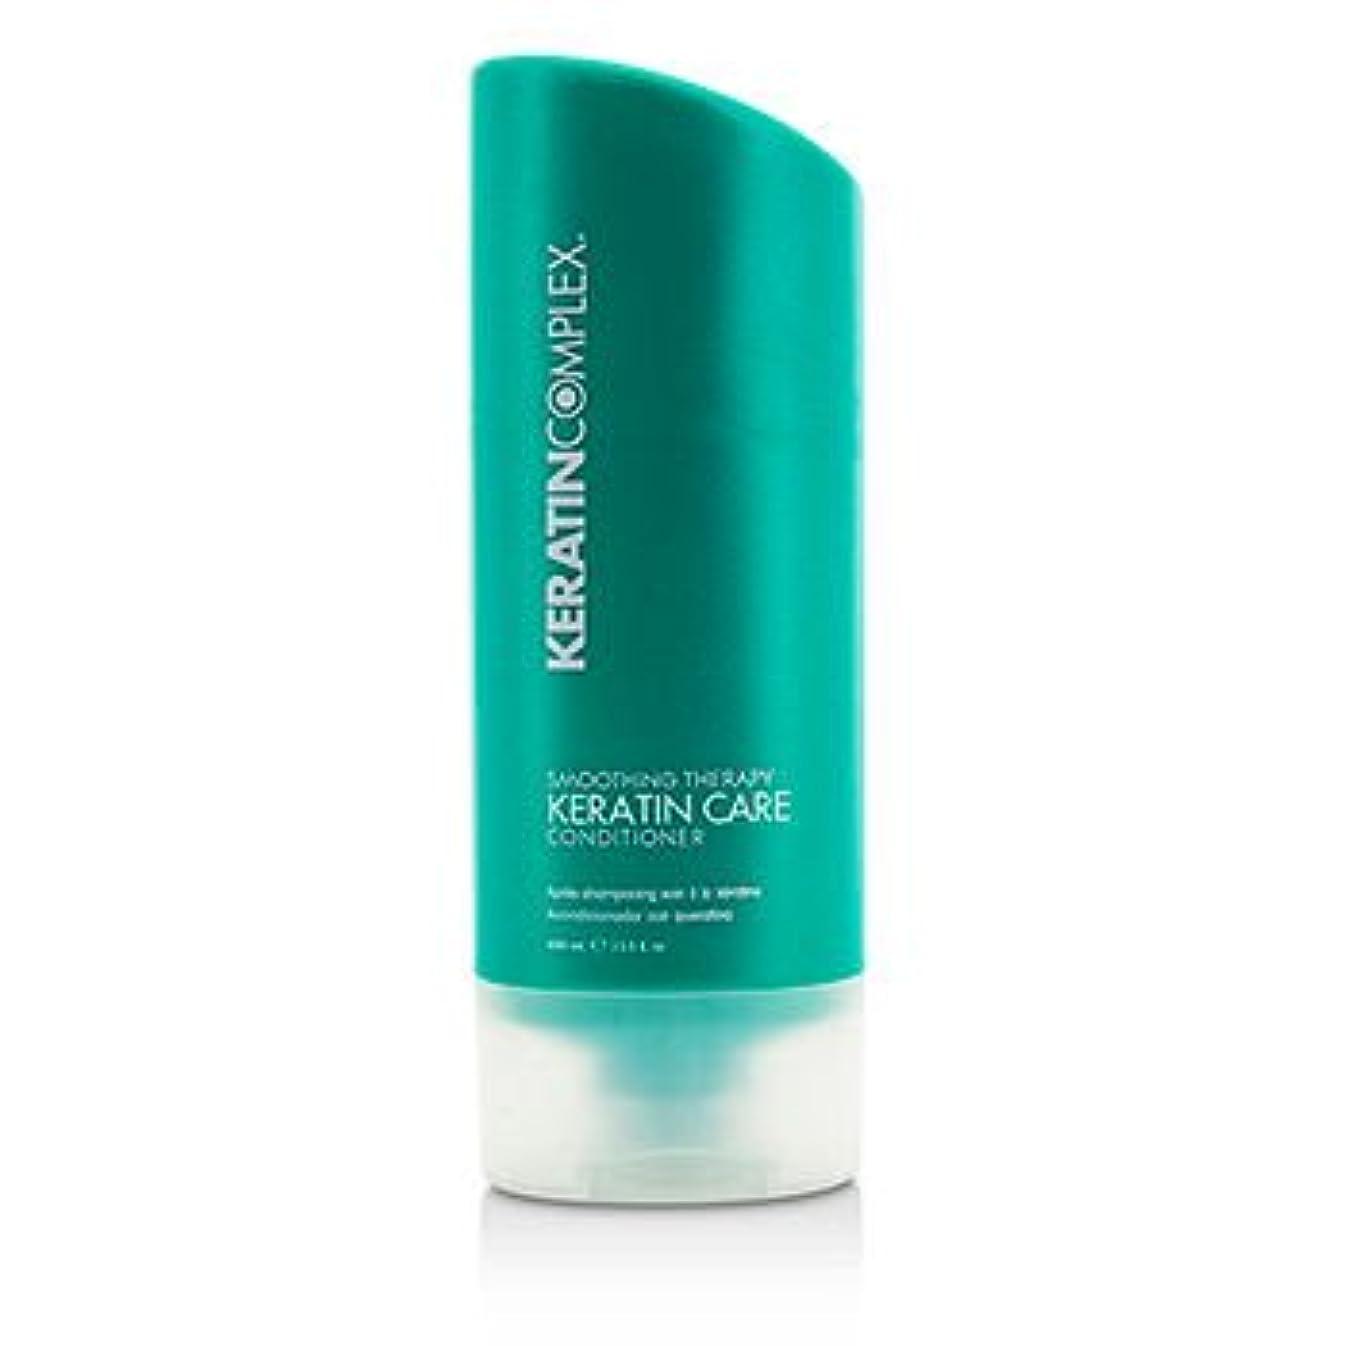 置くためにパックベギン居住者[Keratin Complex] Smoothing Therapy Keratin Care Conditioner (For All Hair Types) 400ml/13.5oz